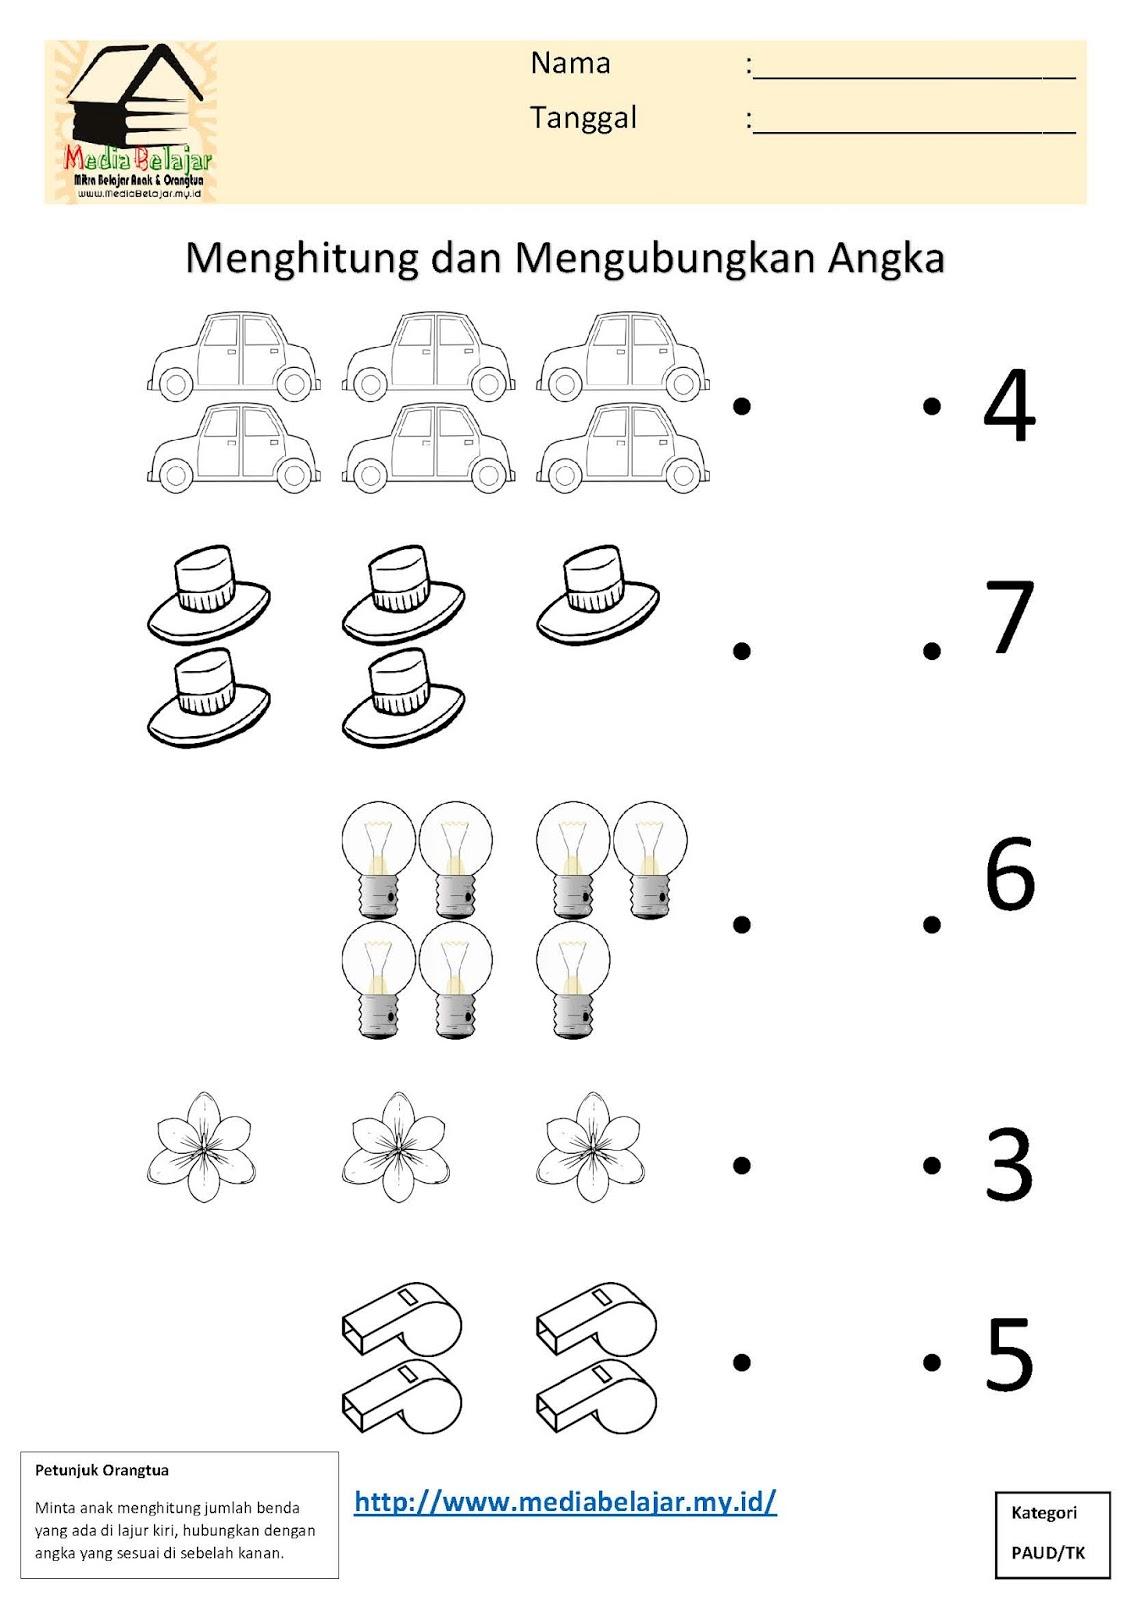 Menghitung Dan Menghubungkan Angka Bagian 5